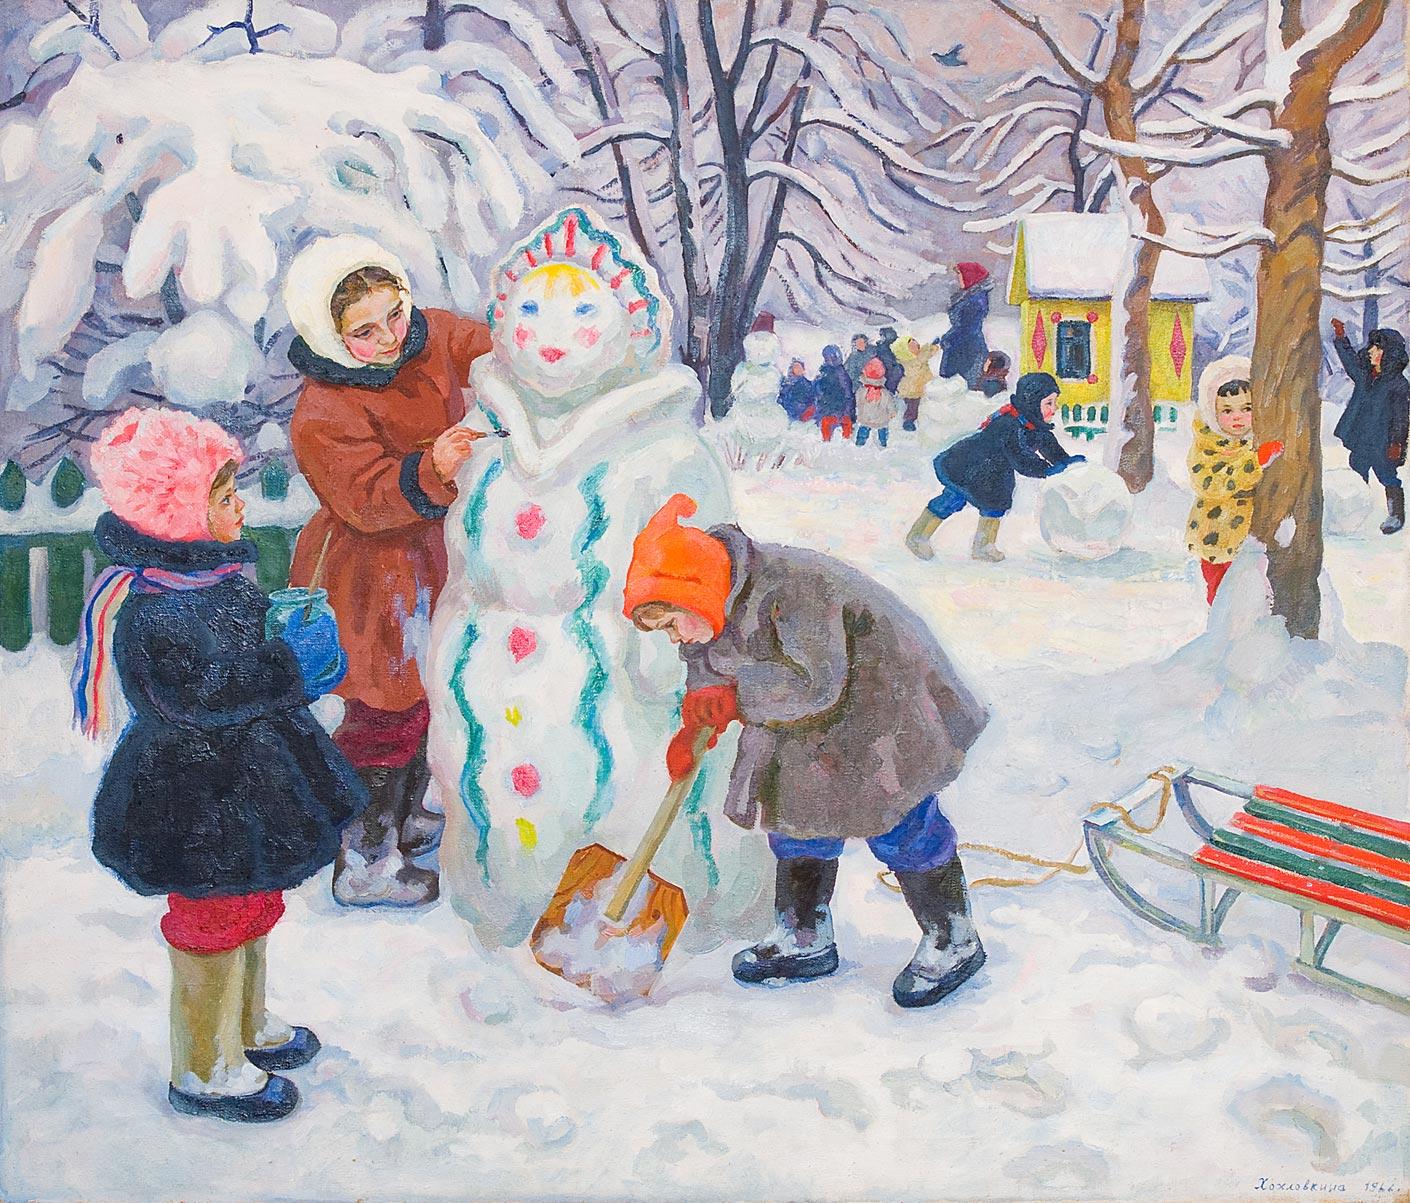 Рисованные картинки с детьми зимой, летием сына